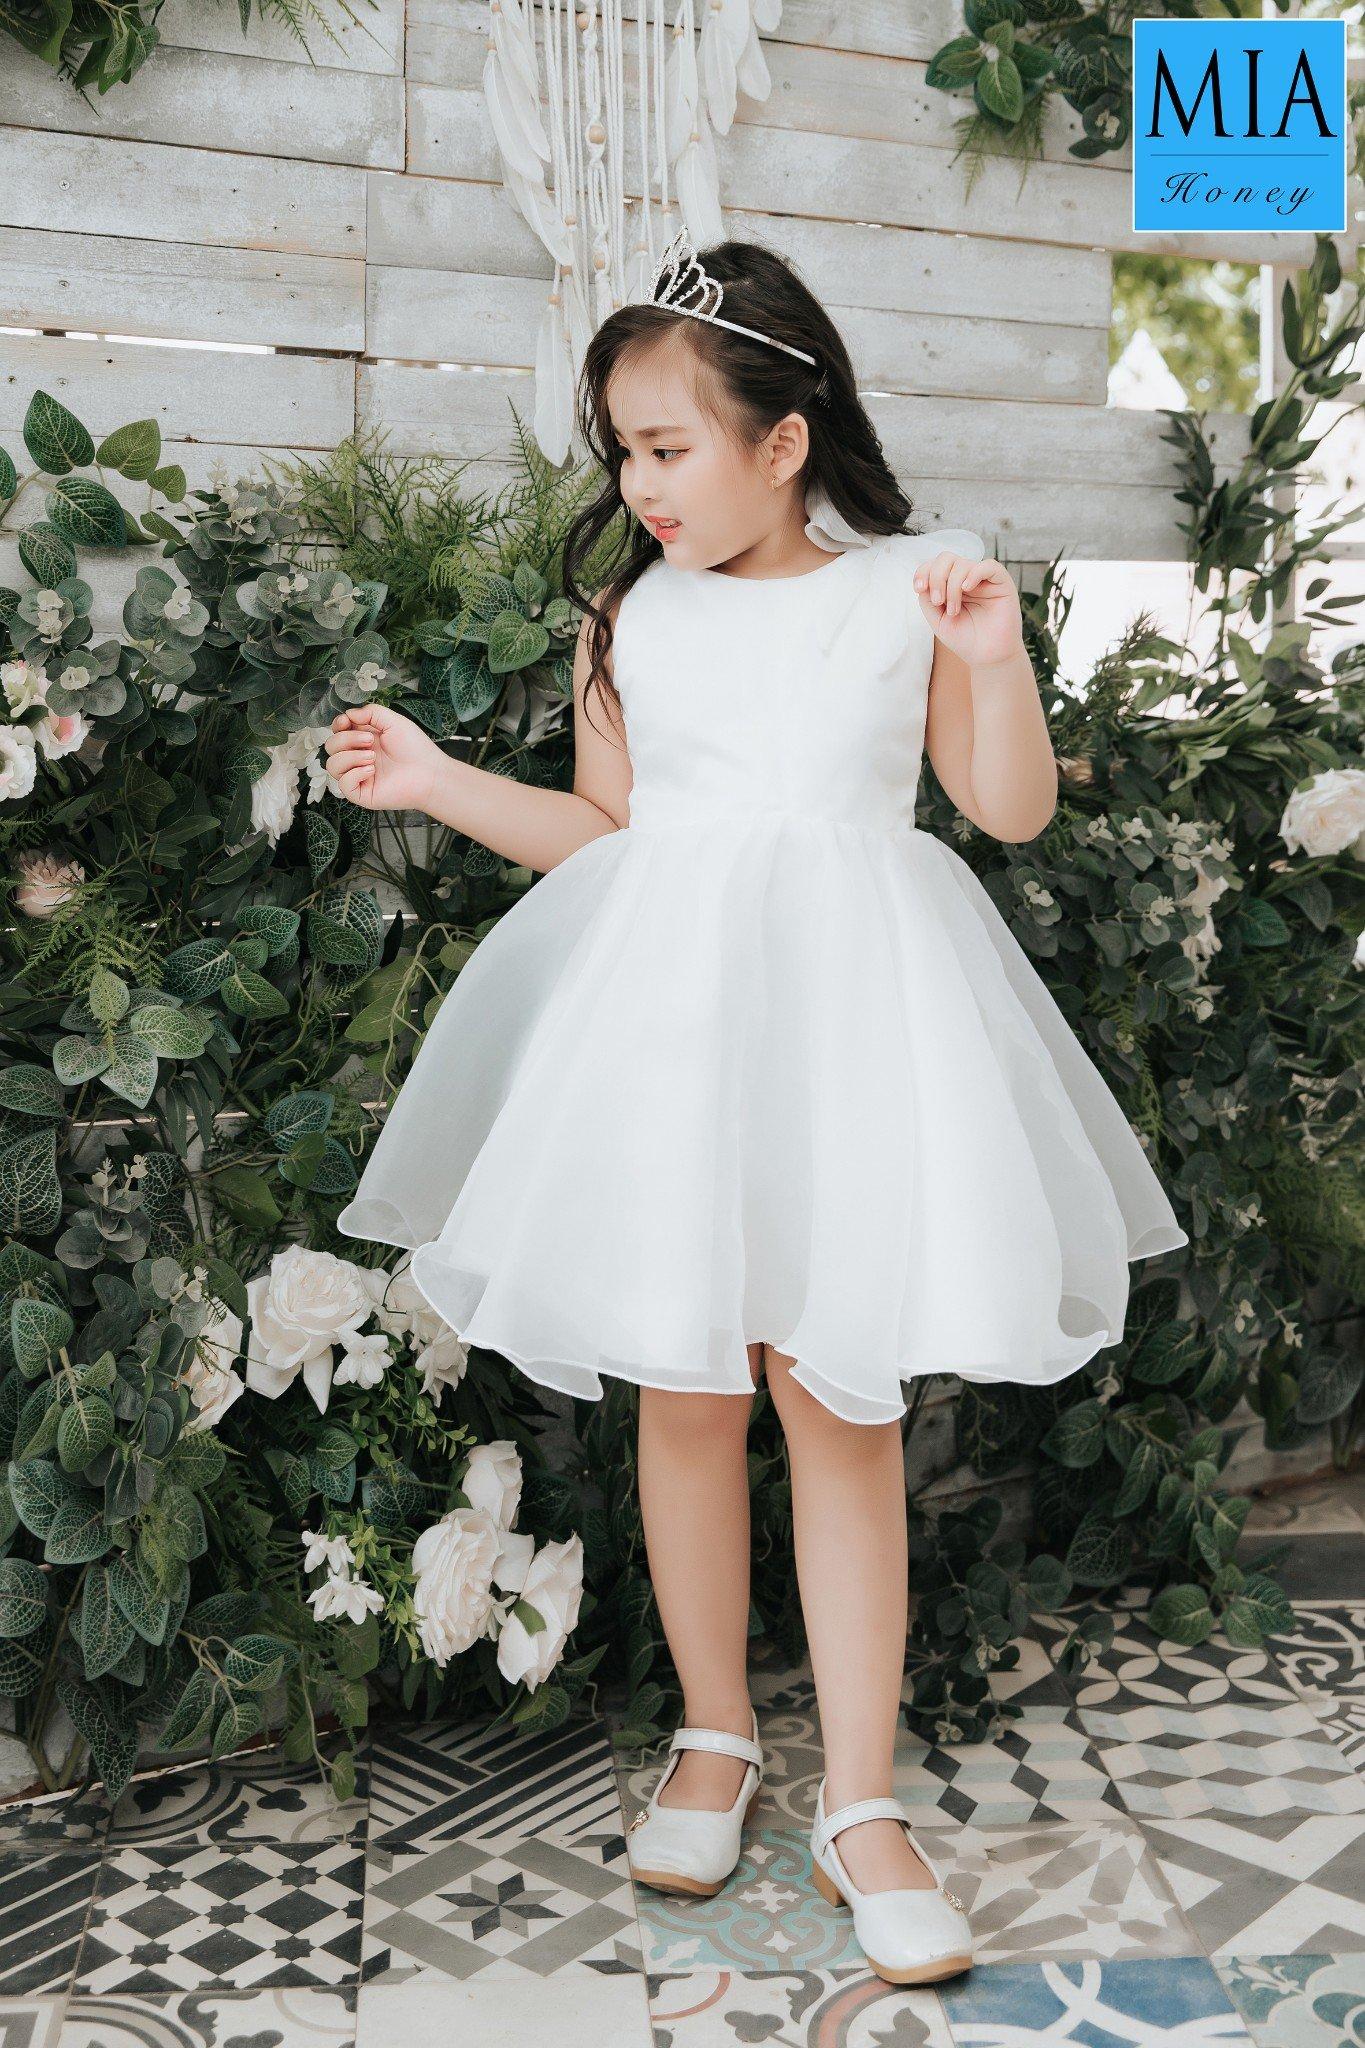 Đầm công chúa Mia Honey thiết kế nơ vai một bên phối voan xòe điệu đà (Trắng)